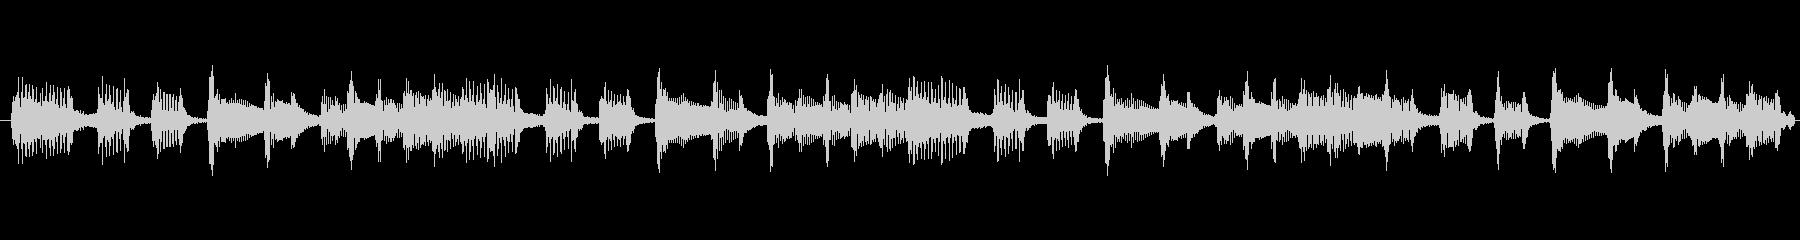 TVラジオ放送用。出囃子ピアノバイオリンの未再生の波形